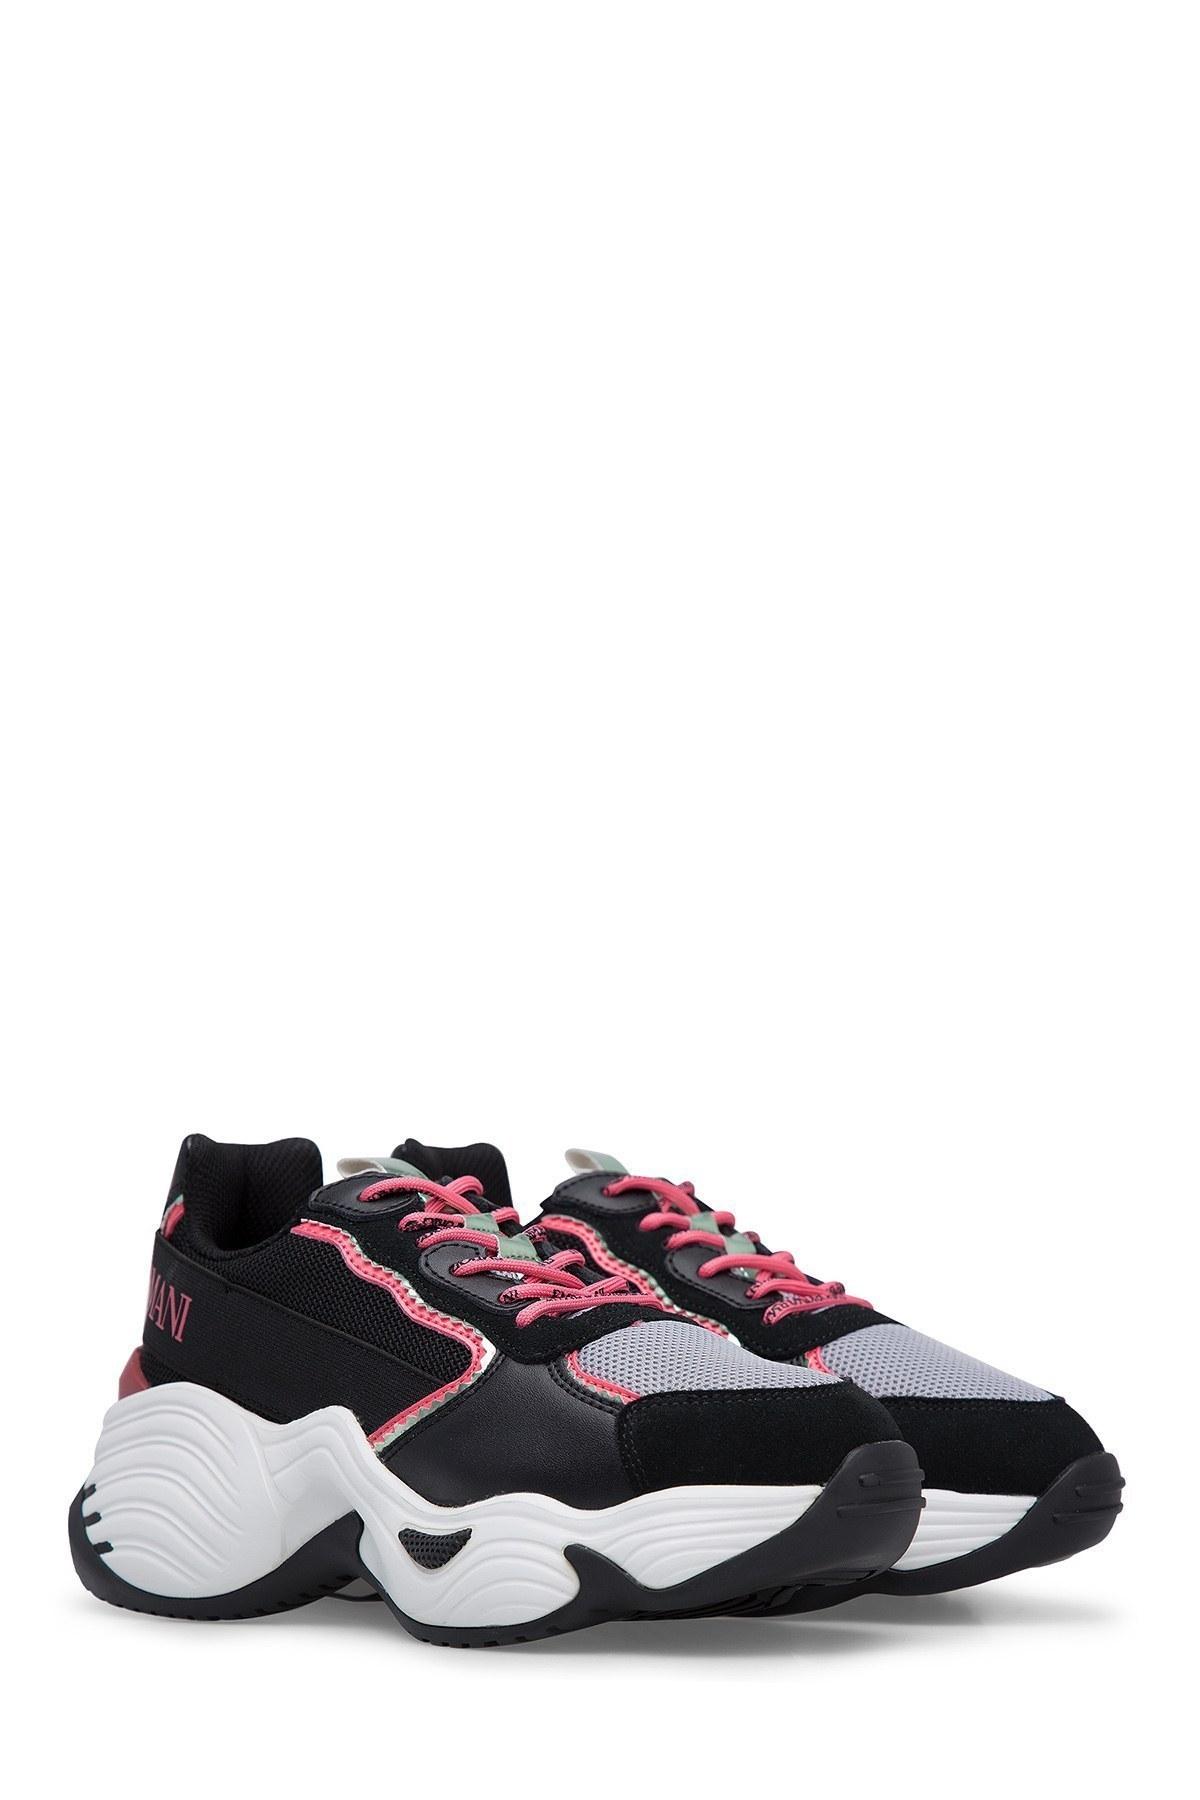 Emporio Armani Kadın Ayakkabı X3X088 XM059 R541 SİYAH